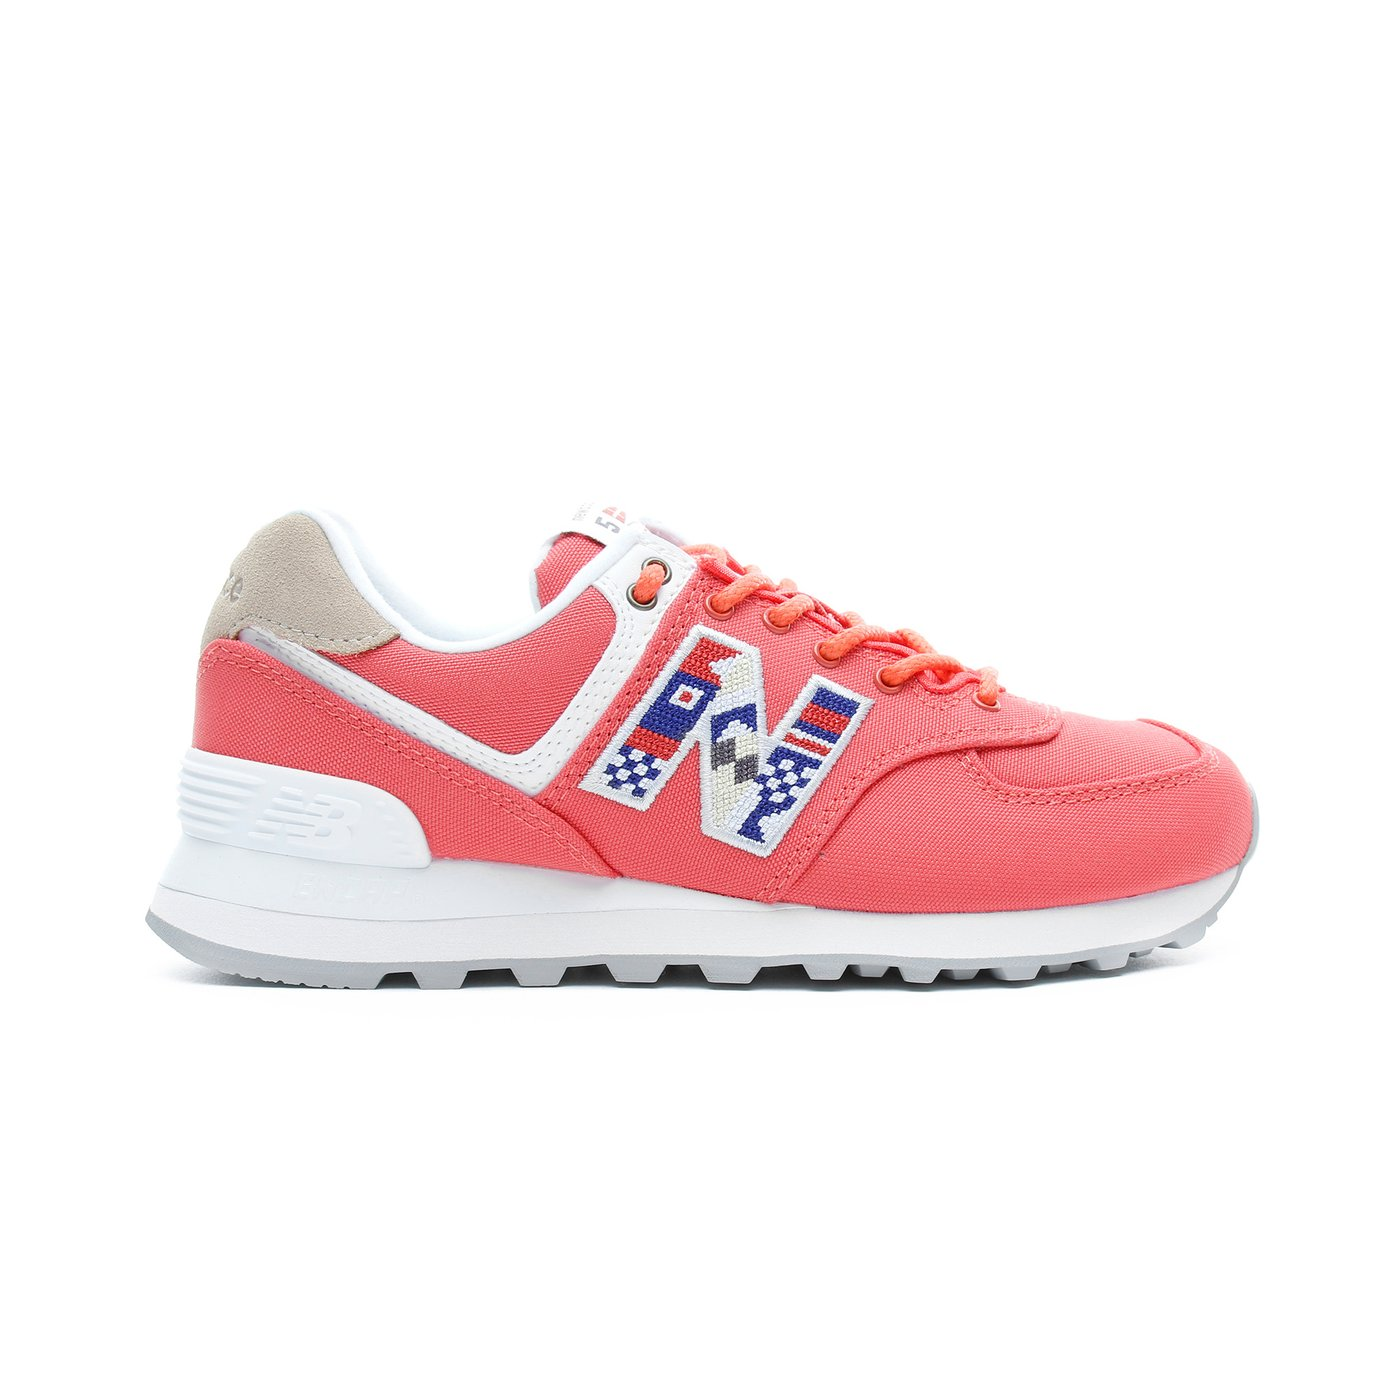 New Balance 574 Kadın Kırmızı Spor Ayakkabı